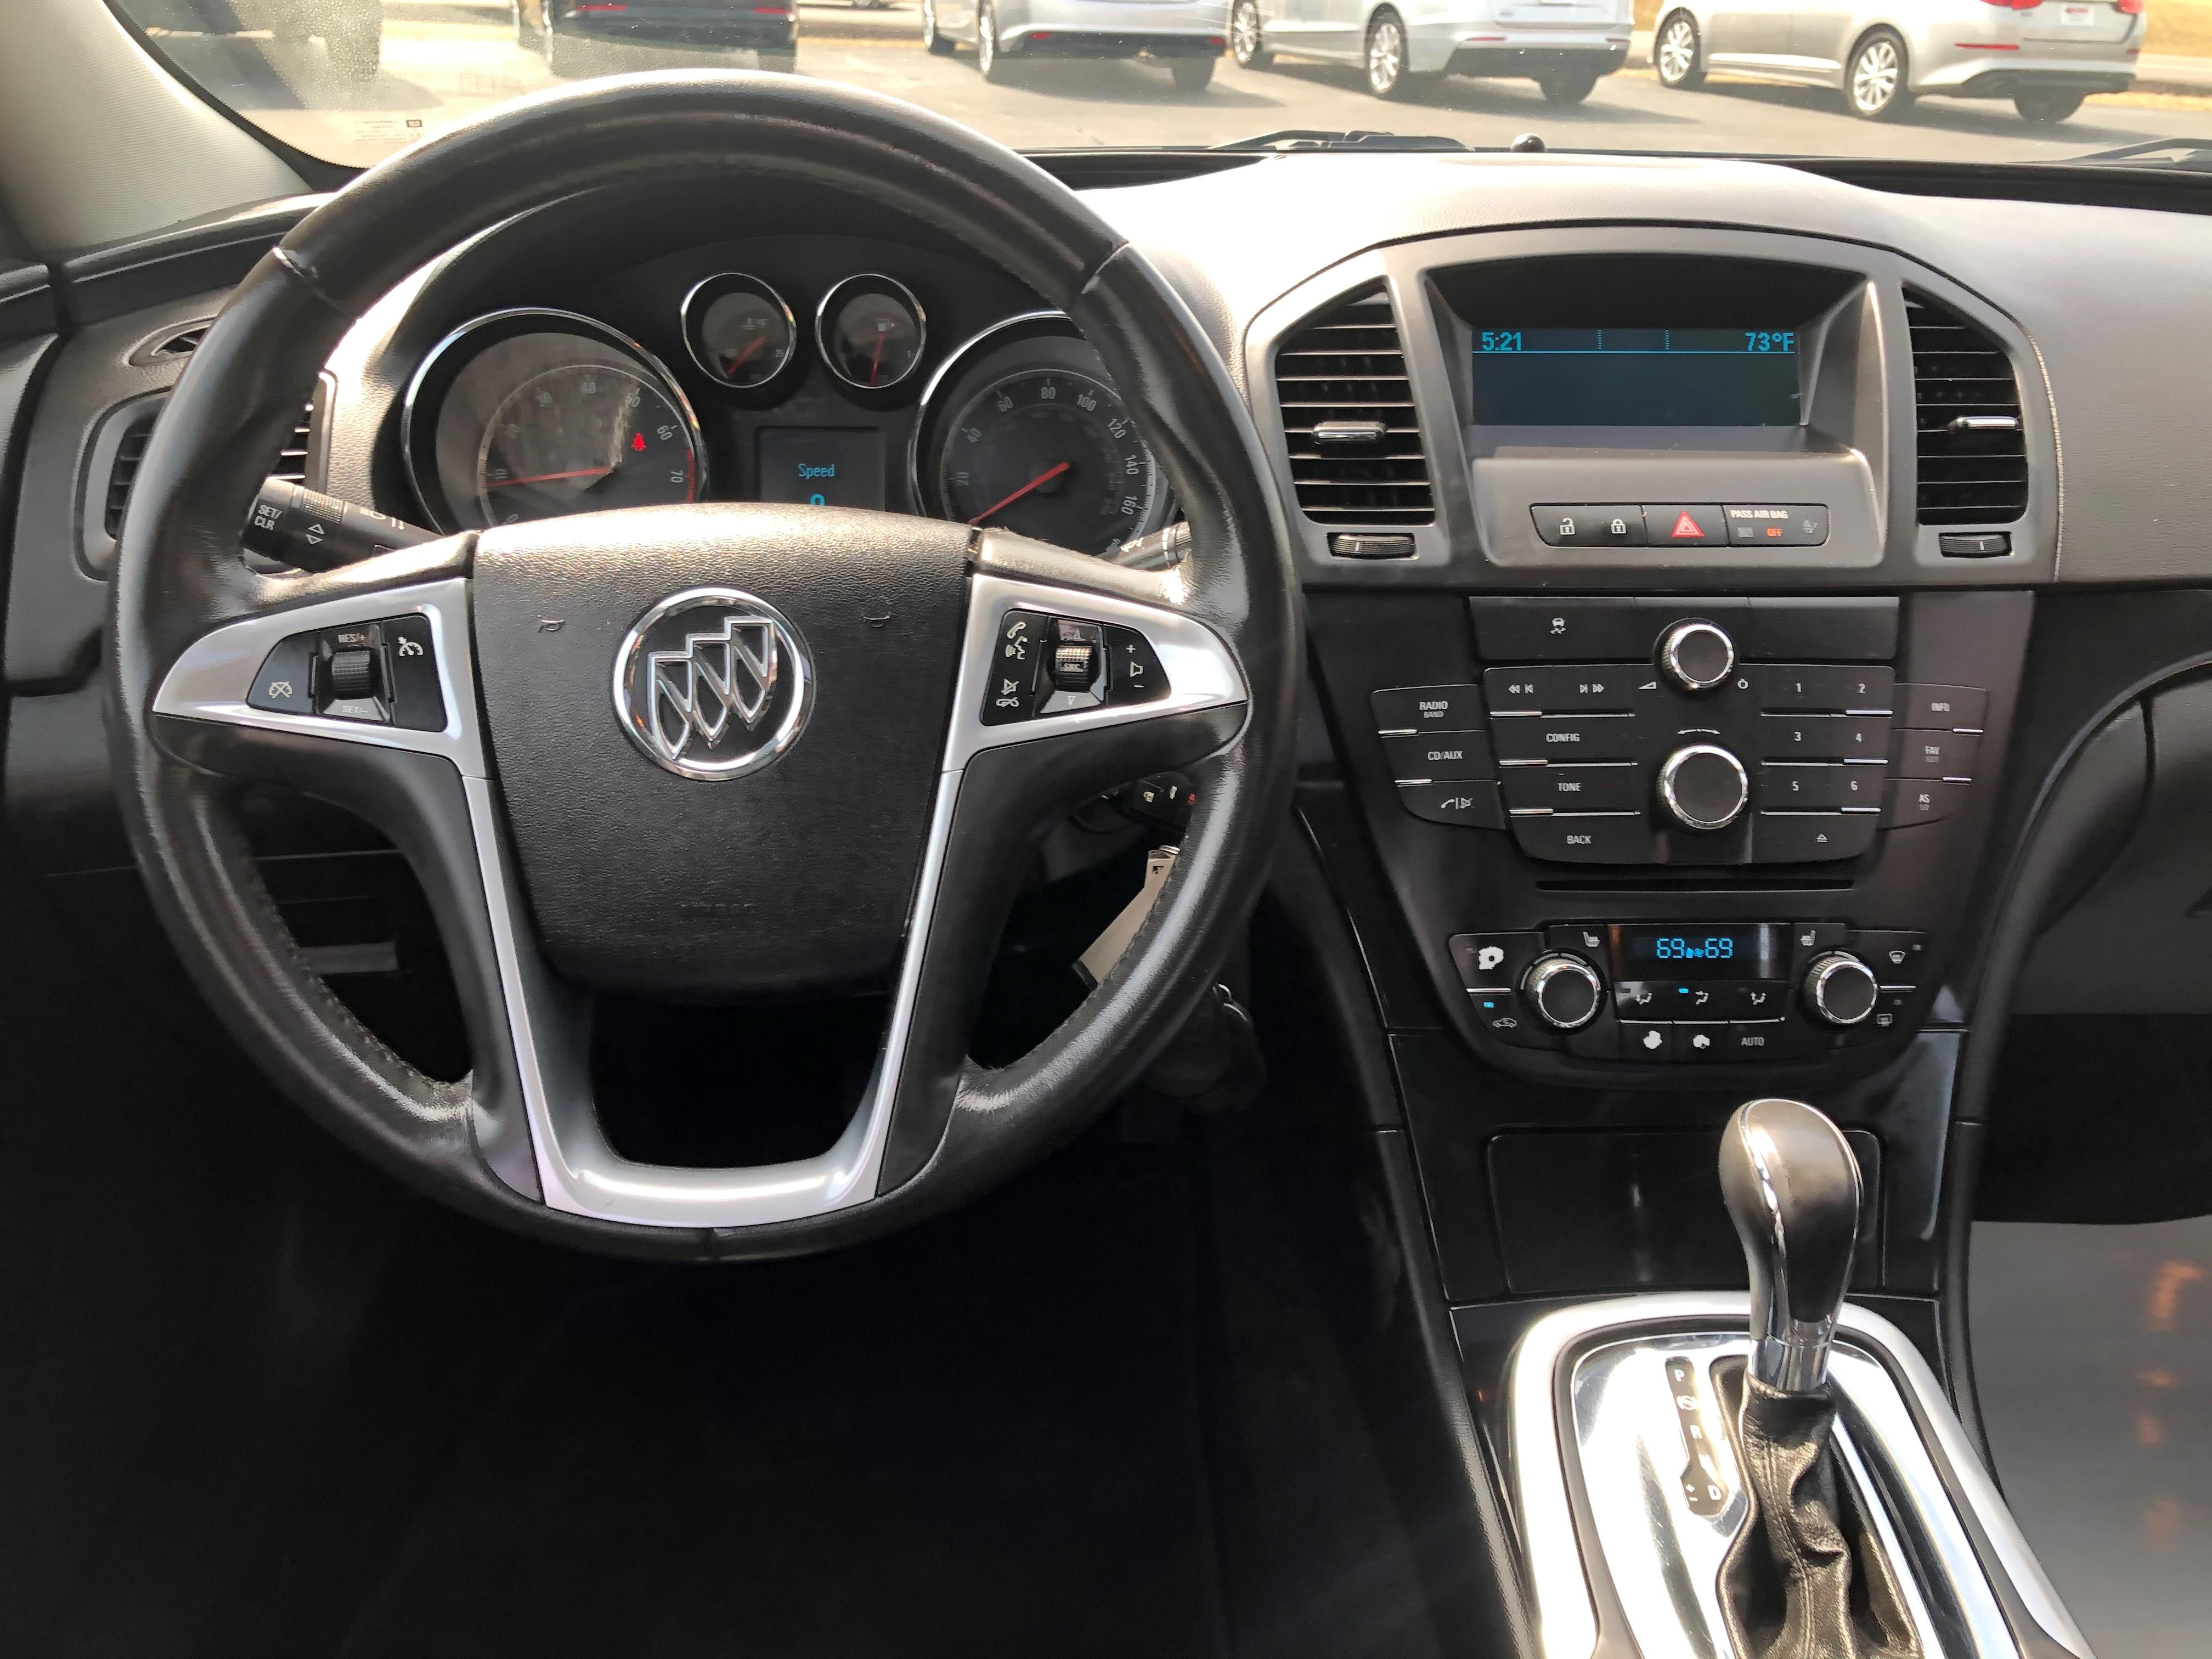 used vehicle - Sedan BUICK REGAL 2011